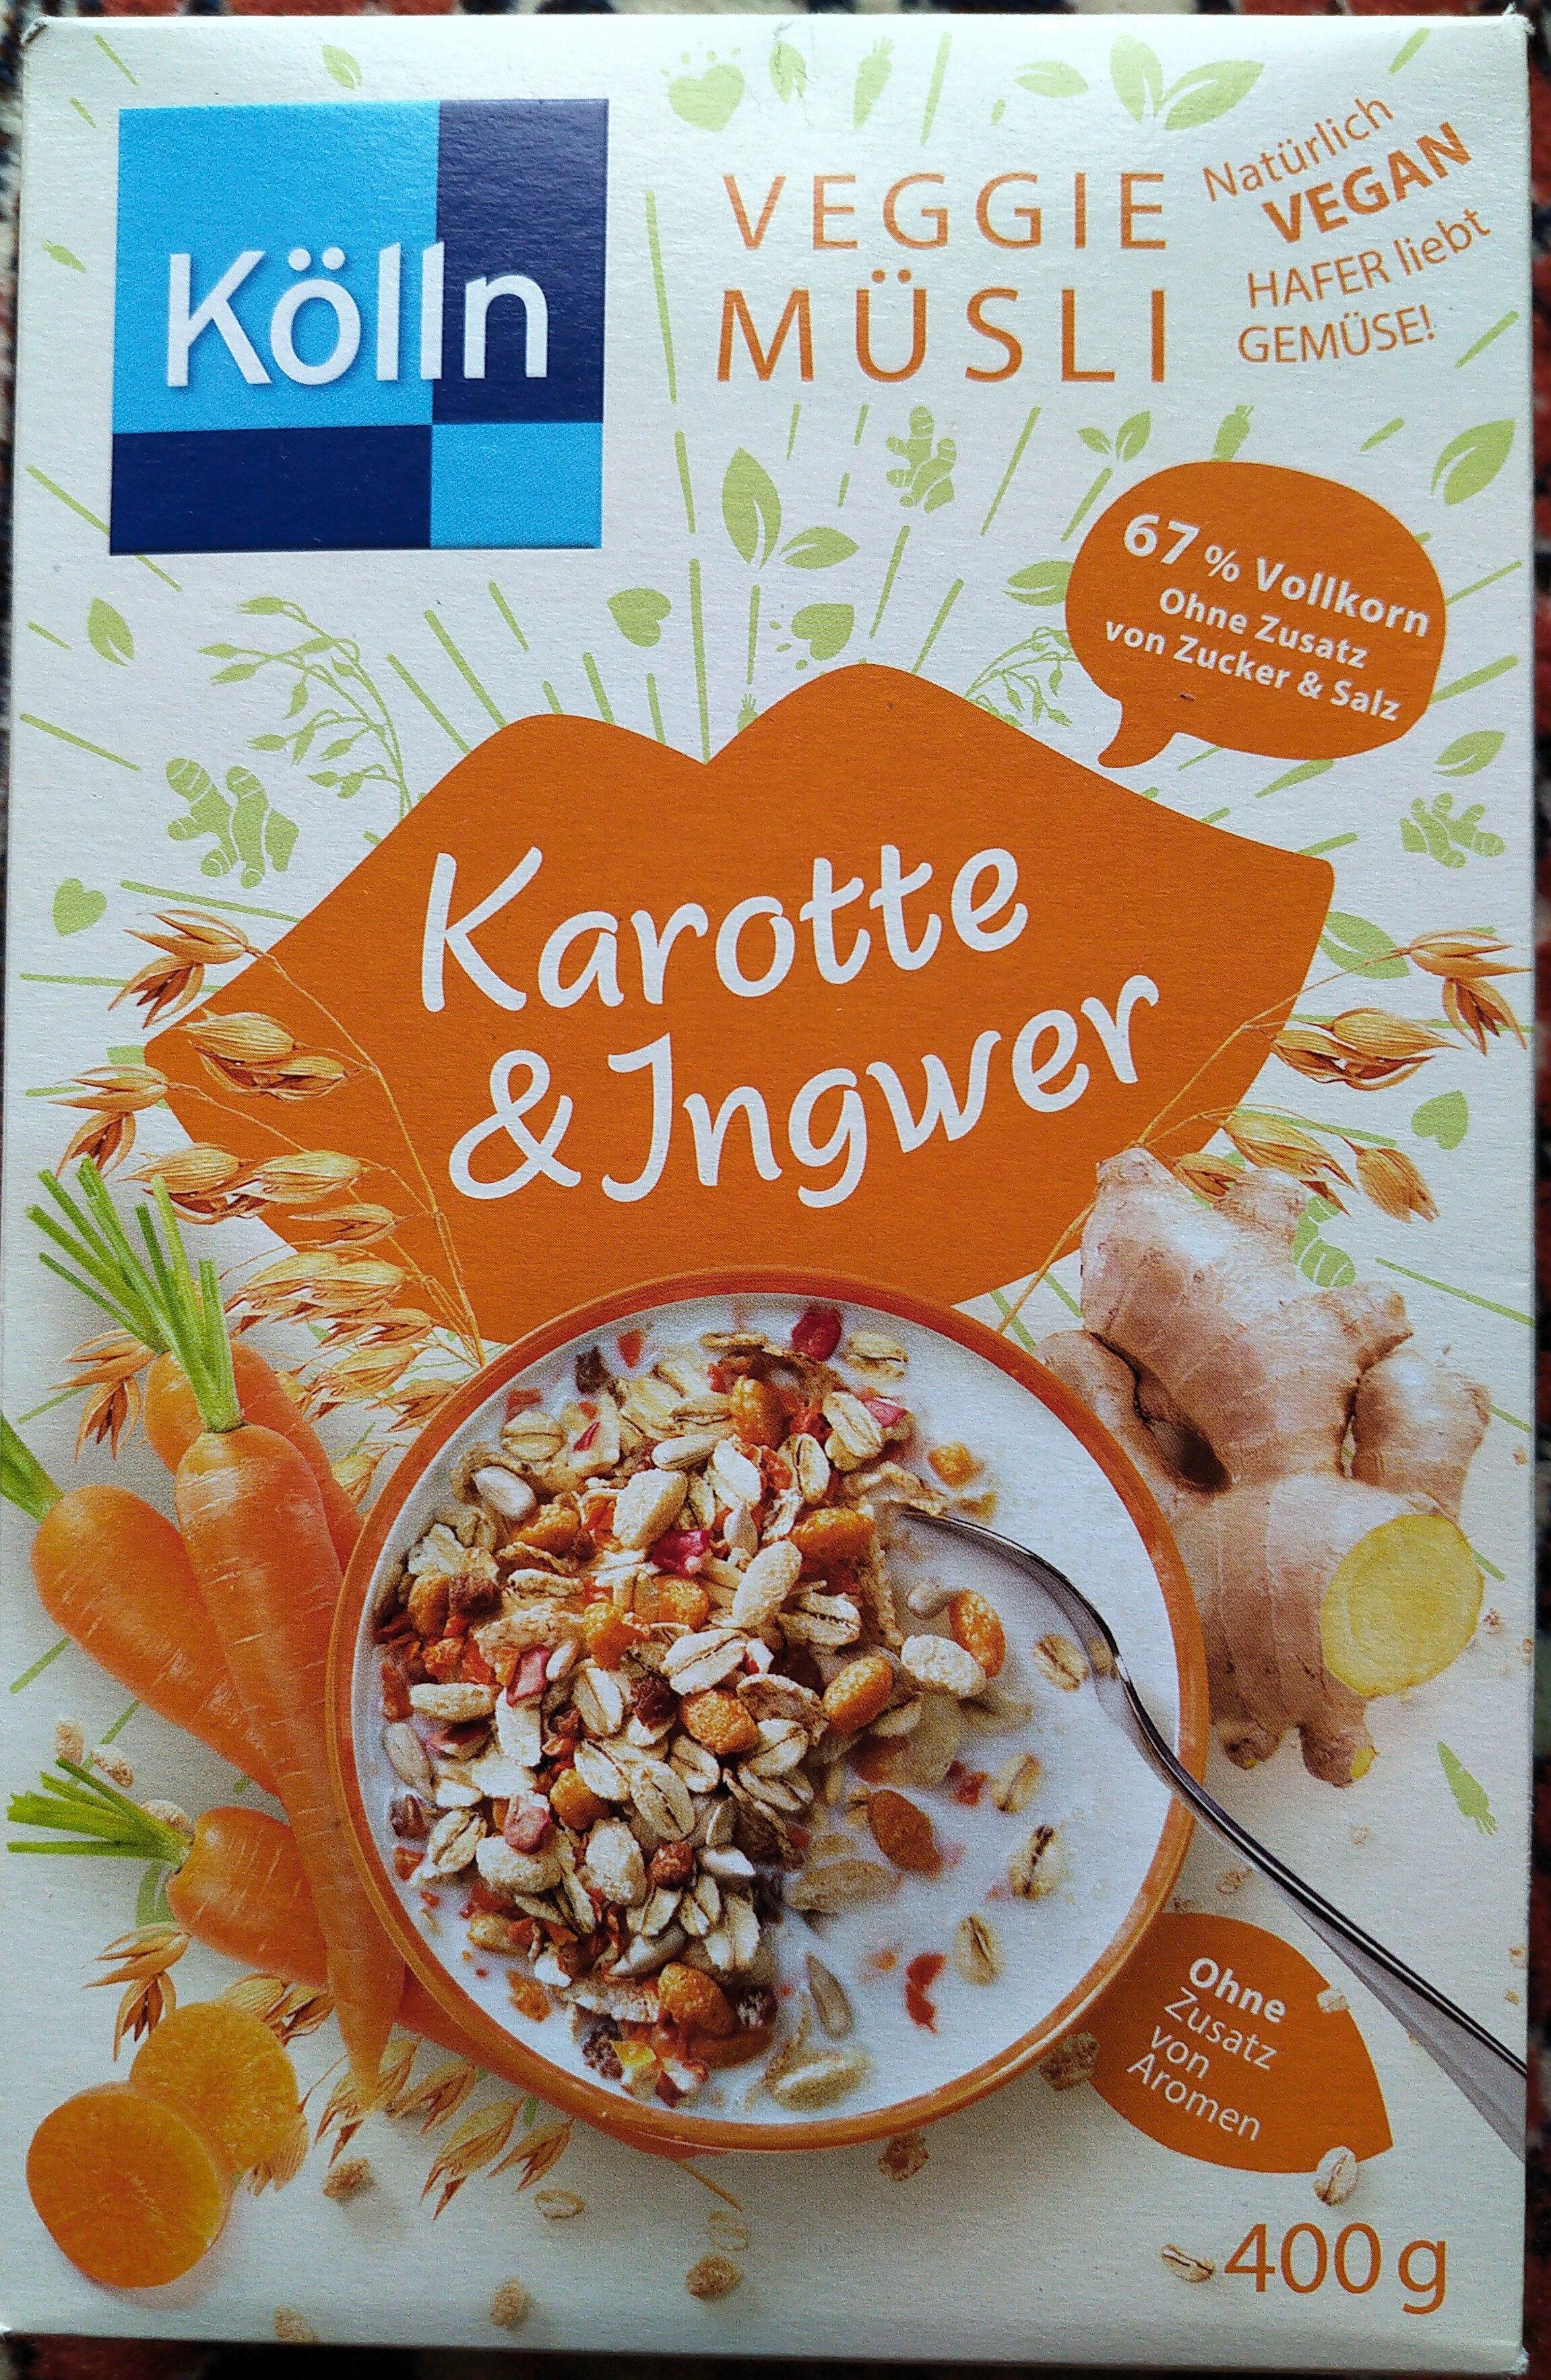 Veggie-Müsli Karotte & Ingwer - Product